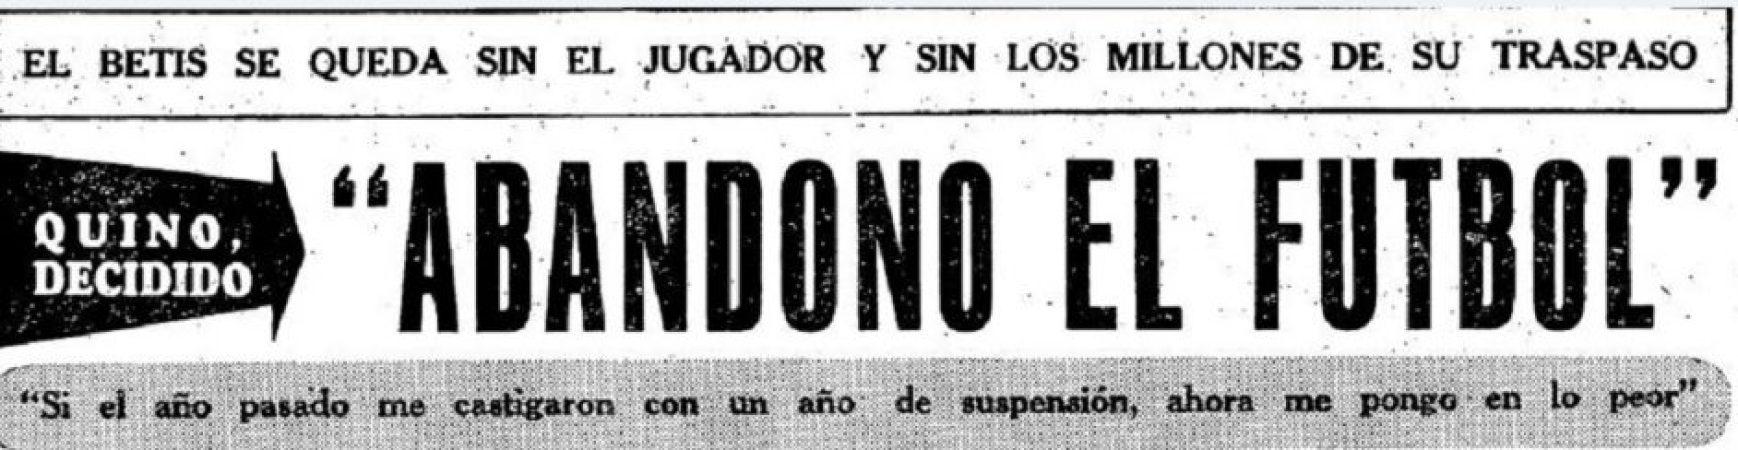 """Hoy hace 50 años. Joaquín Sierra """"Quino"""" abandona el fútbol."""